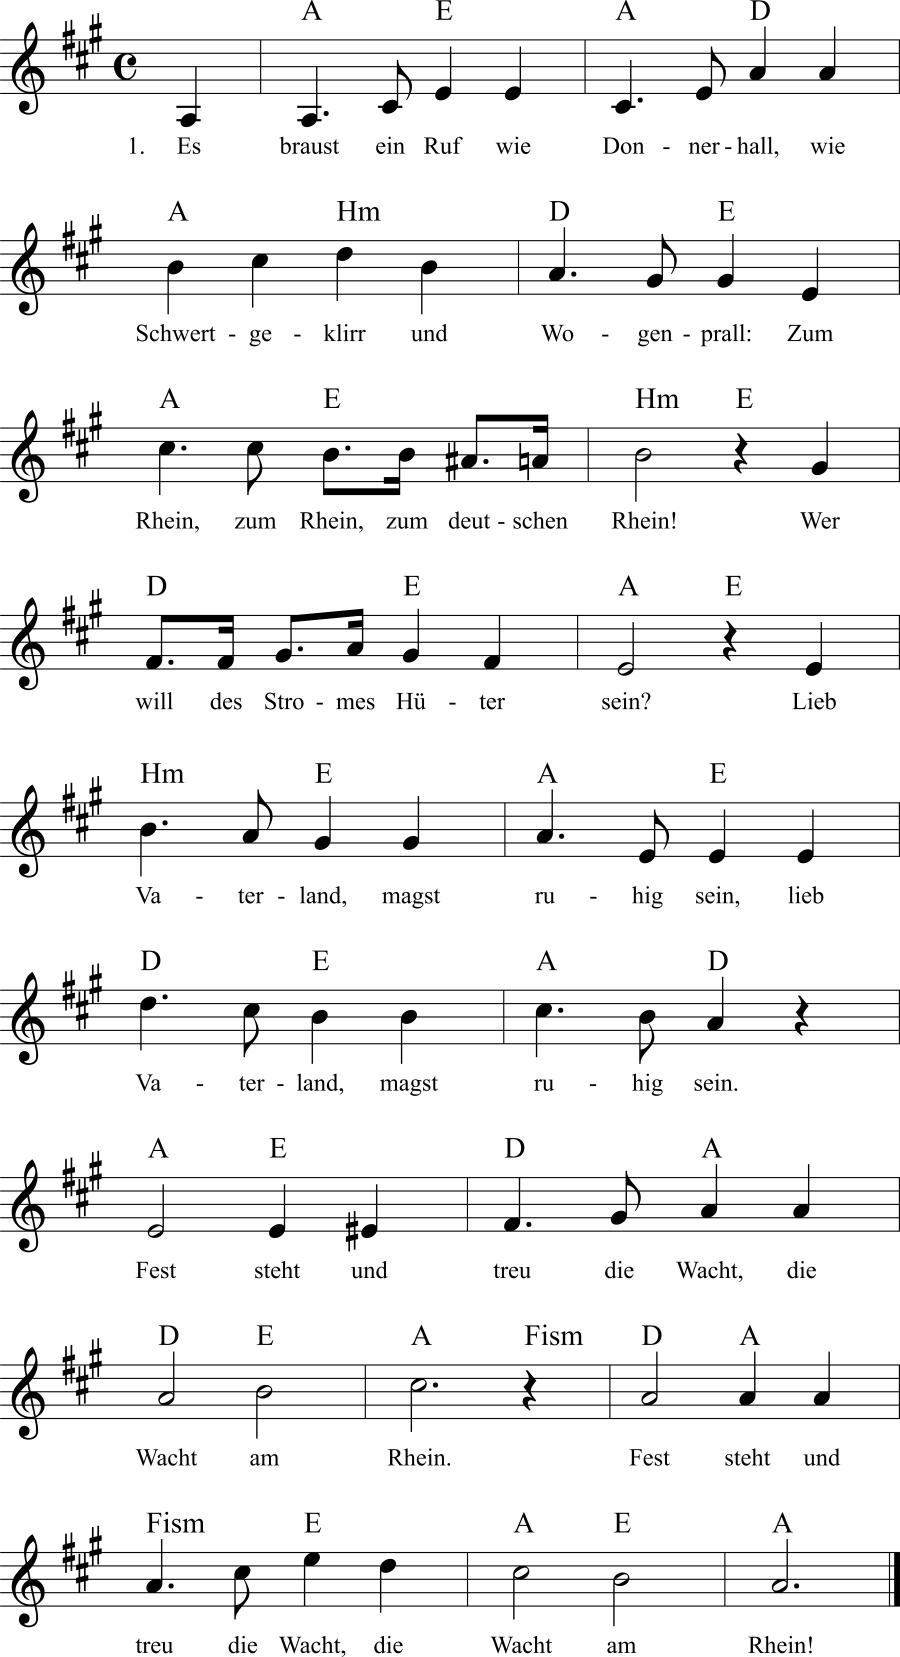 Musiknoten zum Lied Die Wacht am Rhein